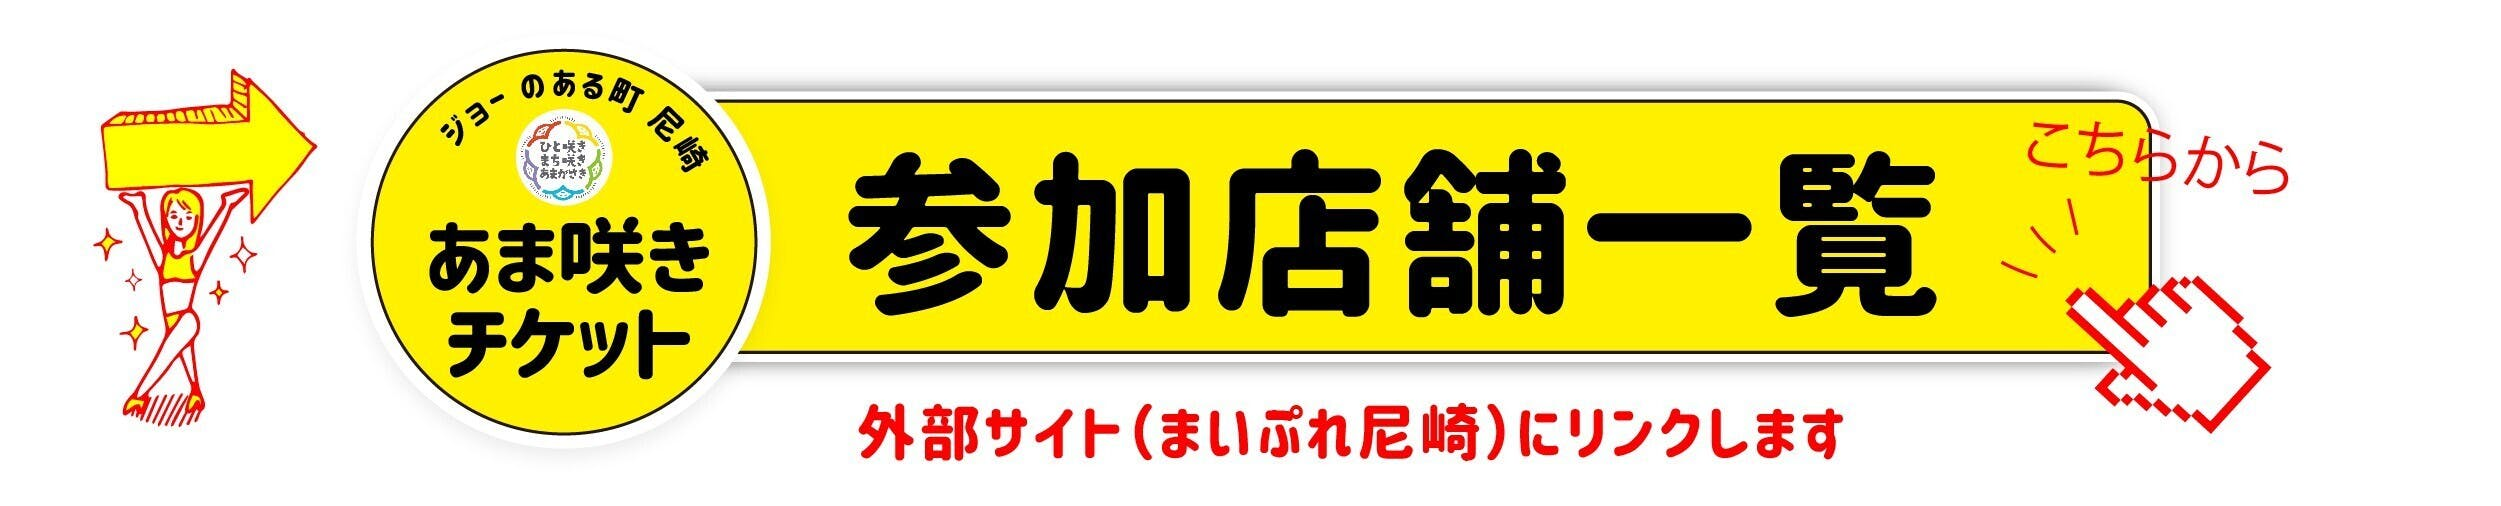 あま咲きチケット参加店舗